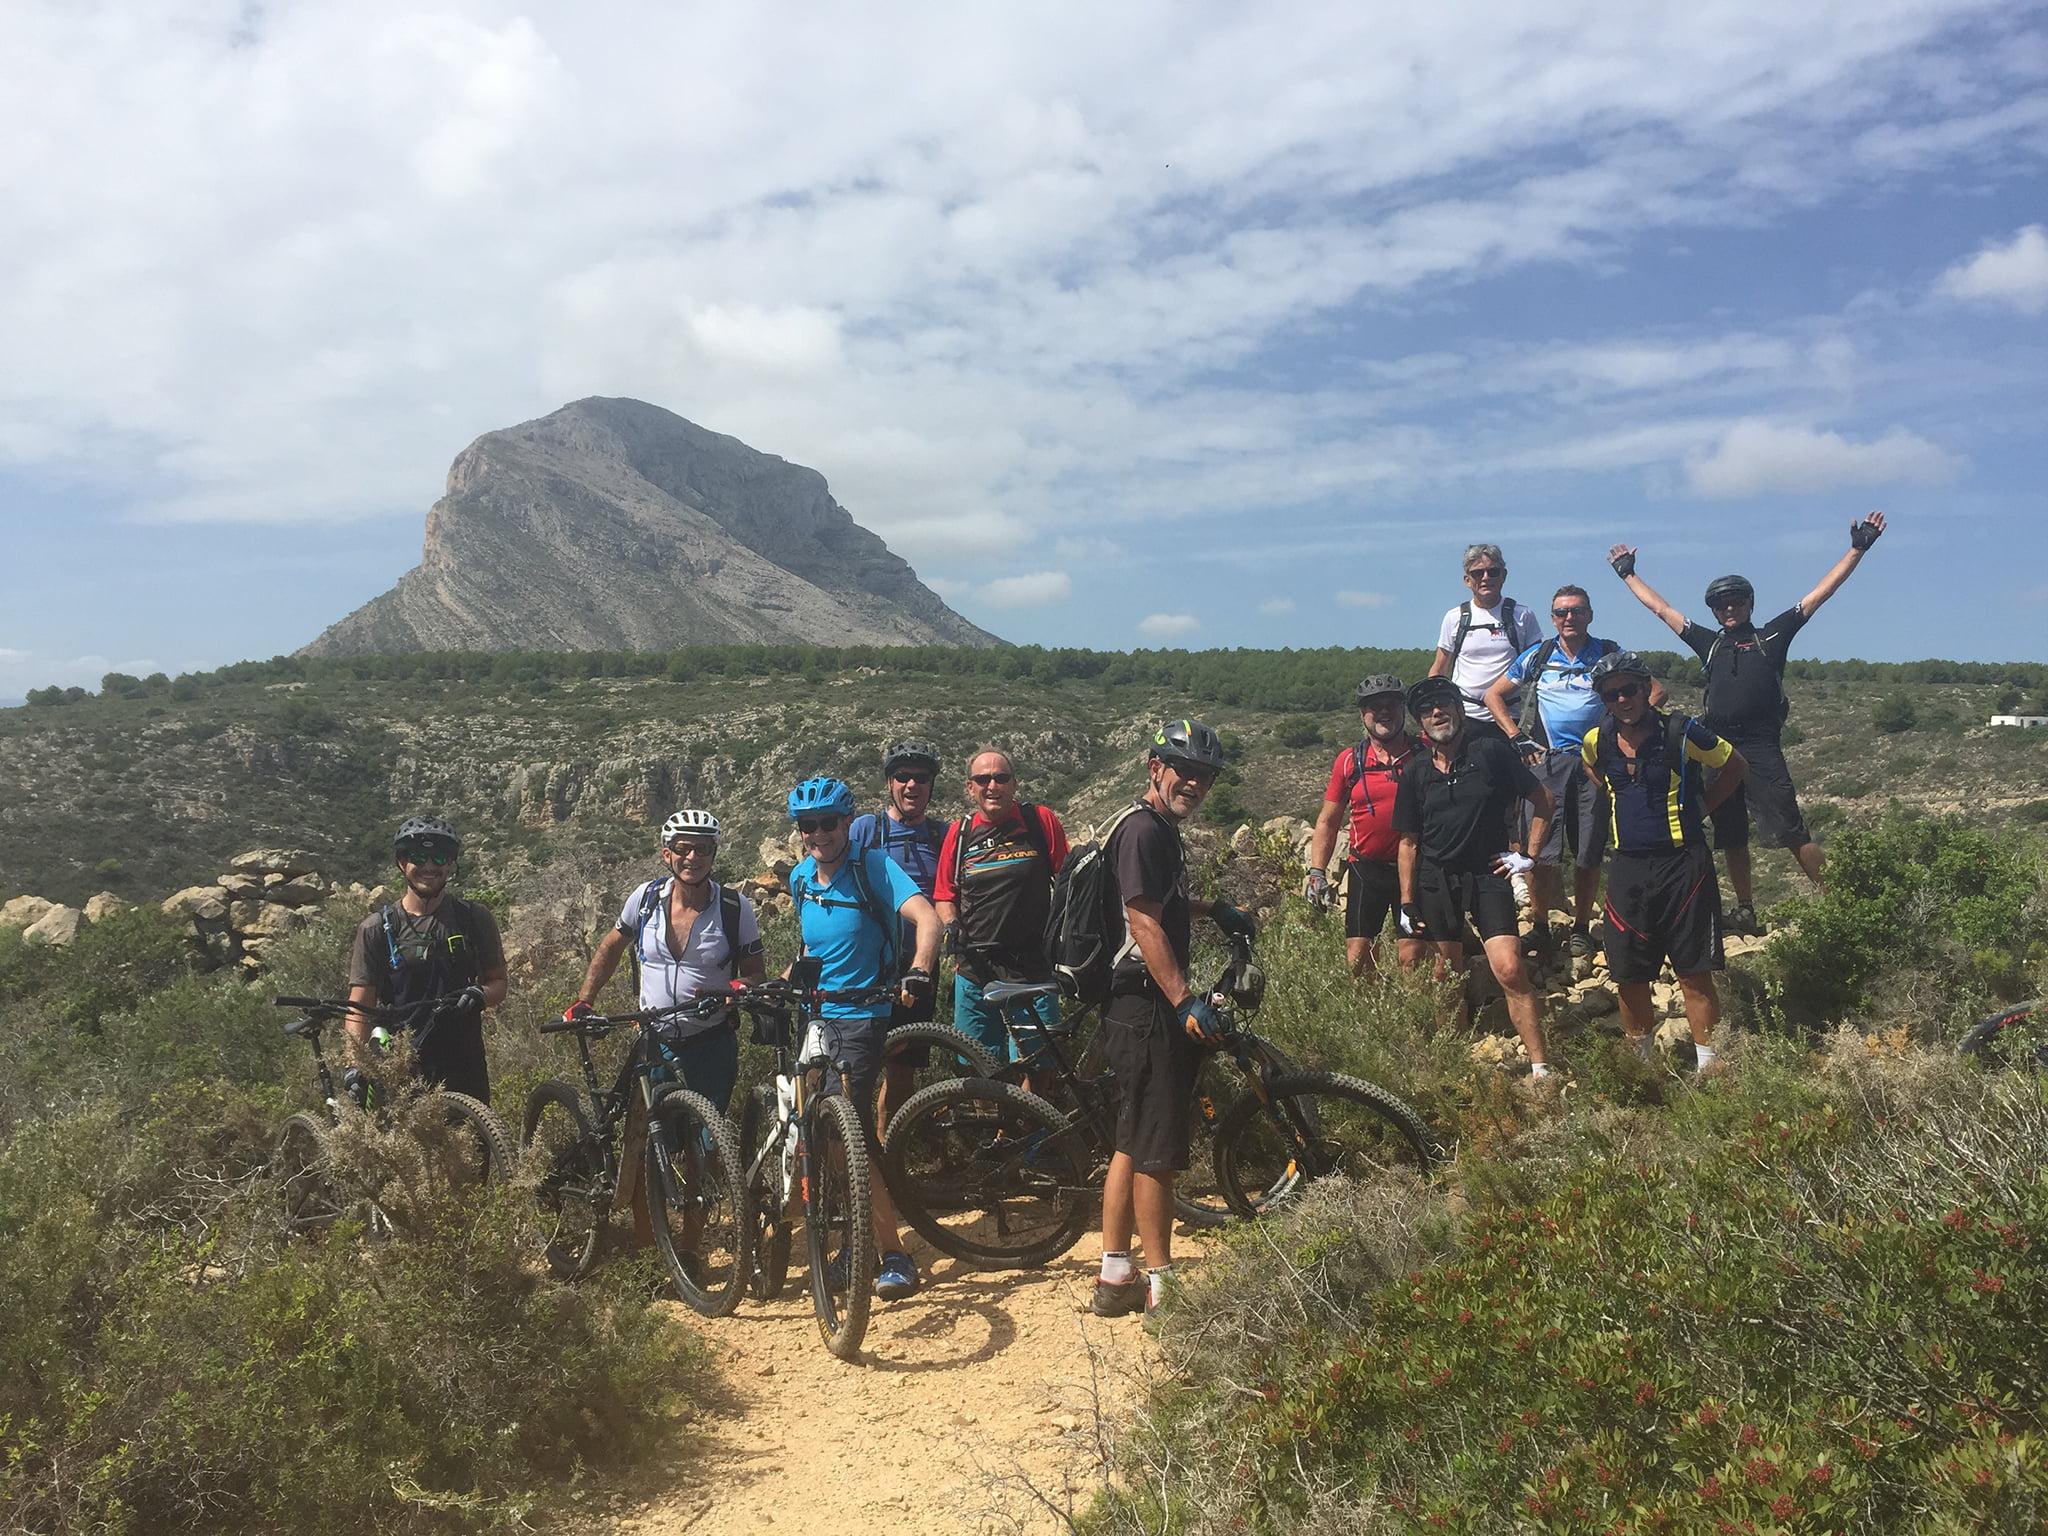 Excursiones TMB – Aventura Pata Negra